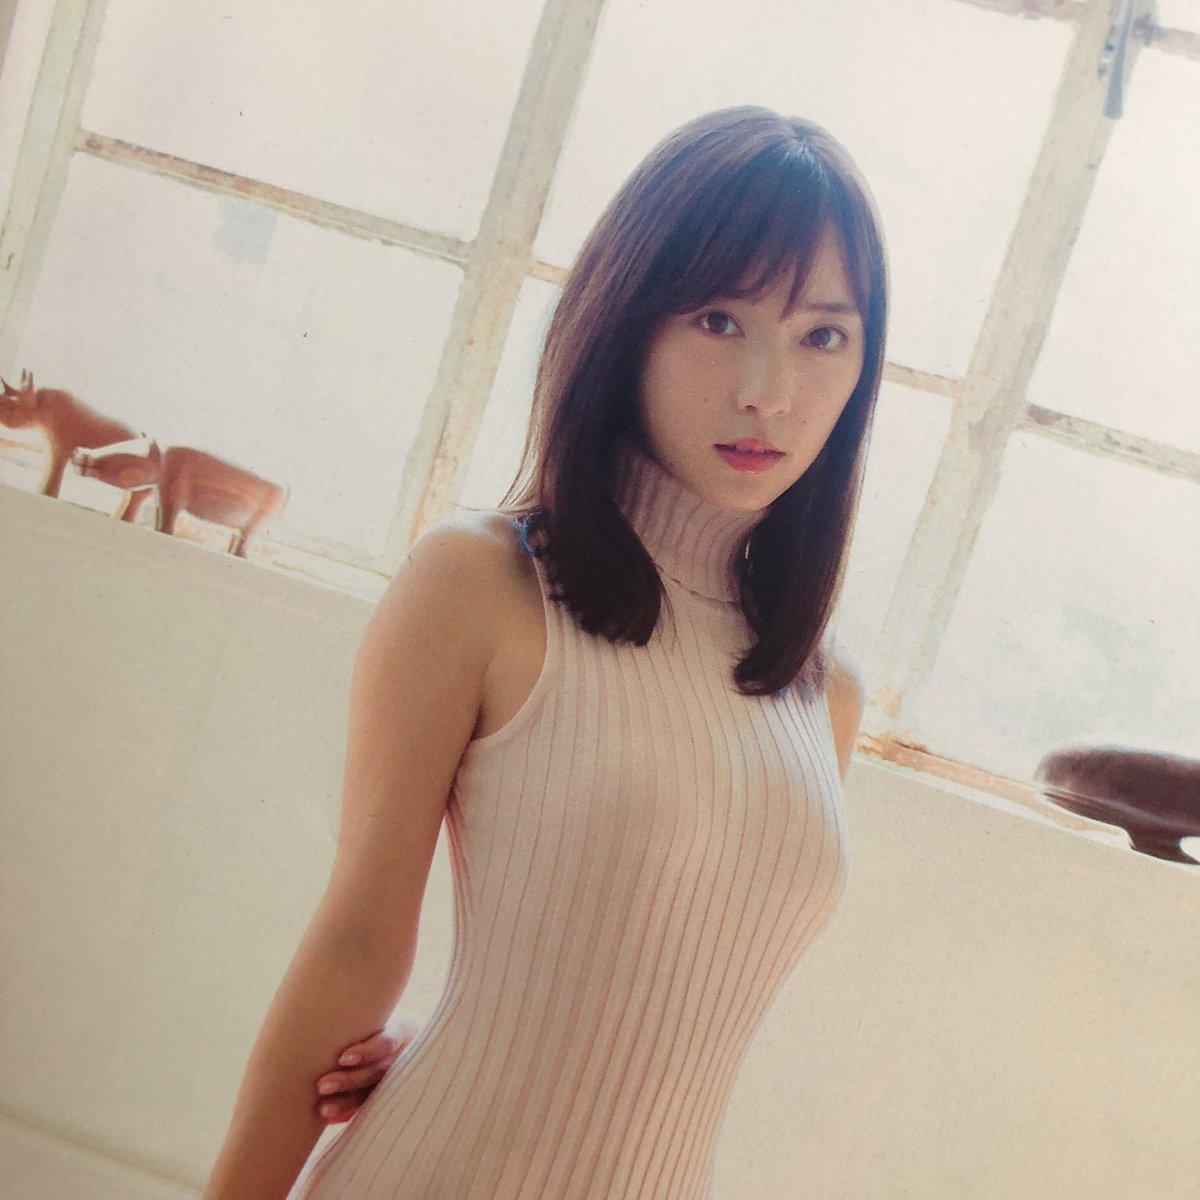 池上紗理依(22)ホクロ美女の水着グラビアエロ画像70枚・40枚目の画像